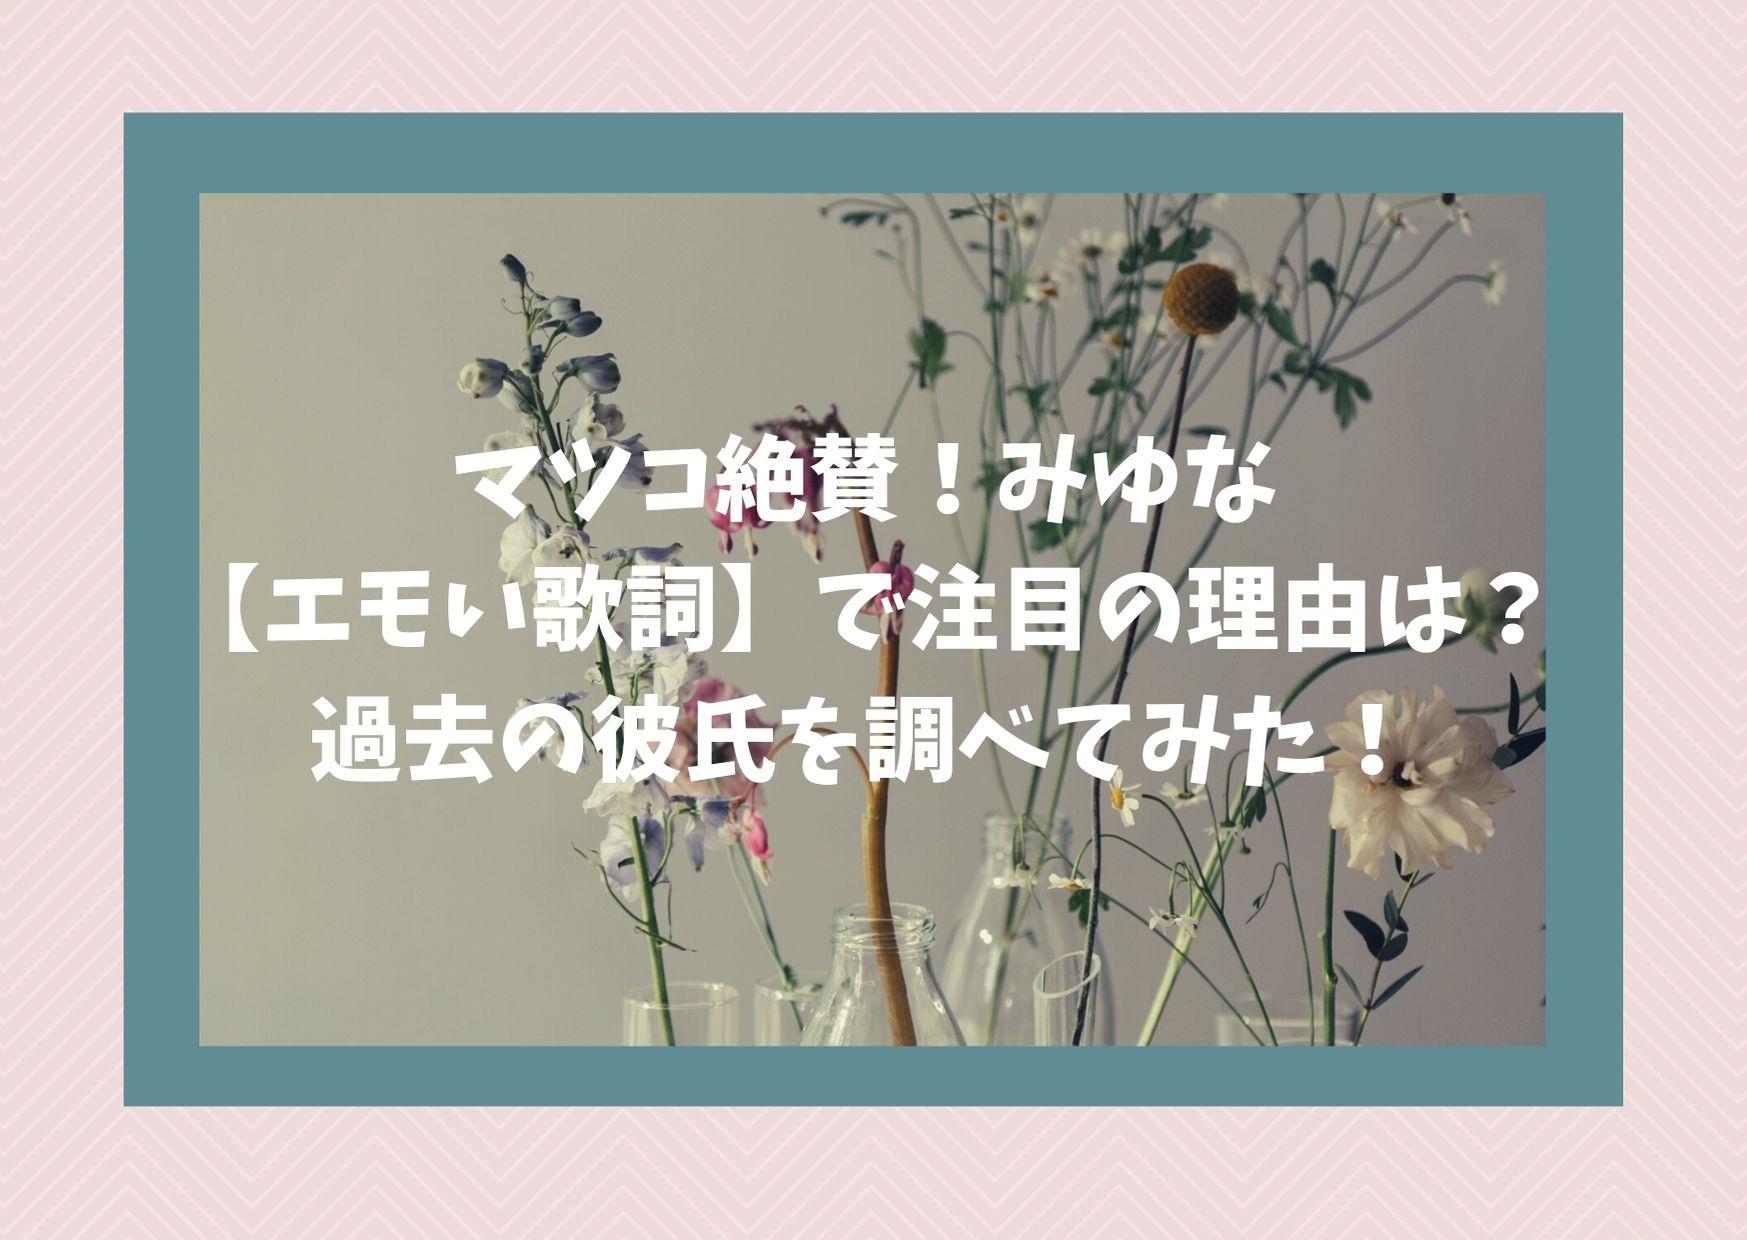 マツコ絶賛!みゆな【エモい歌詞】で注目の理由は?過去の彼氏を調べてみた!